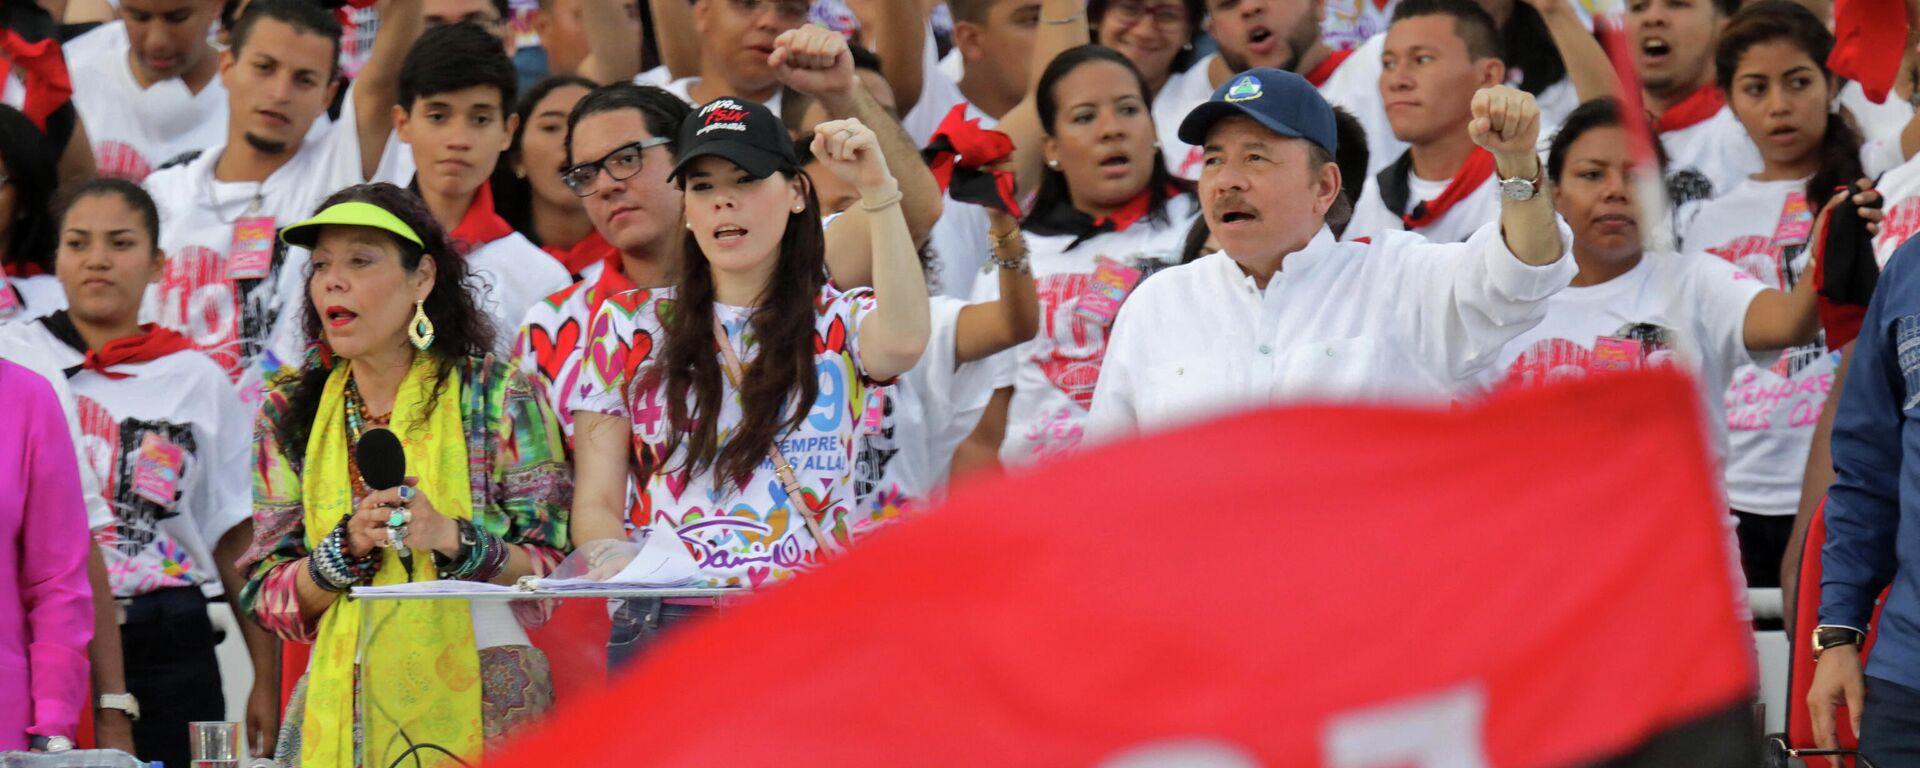 El presidente nicaragüense Daniel Ortega, su esposa, la vicepresidenta Rosario Murillo y su hija Camila Ortega  - Sputnik Mundo, 1920, 09.06.2021